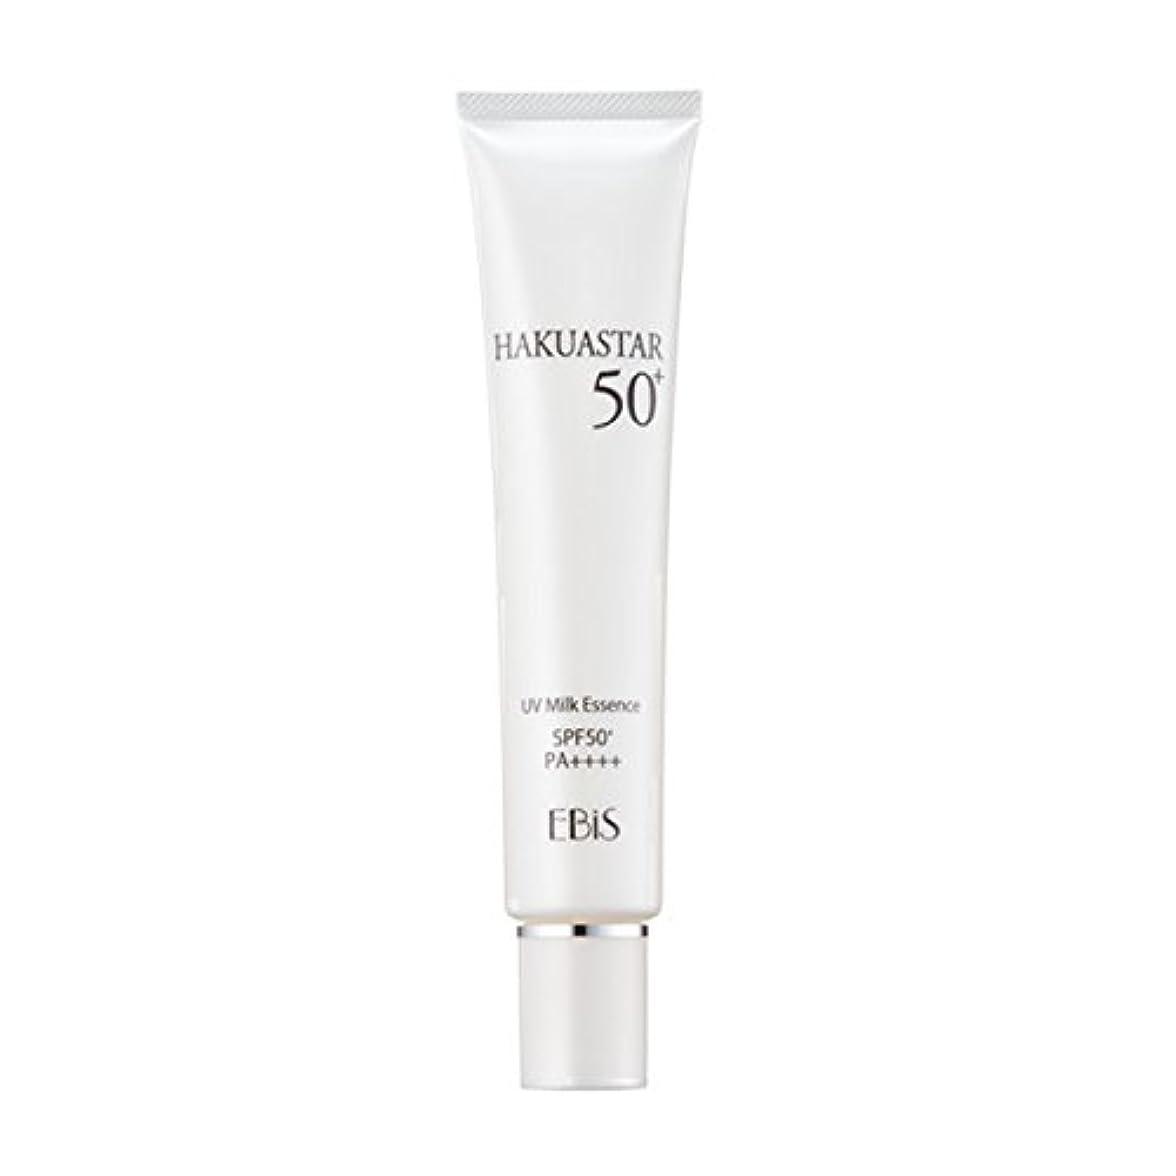 ミンチ道に迷いました天エビス化粧品(EBiS) ハクアスター 40g SPF50PA+++ UVクリーム(日焼け止め)日本製 紫外線対策 化粧下地としても使える